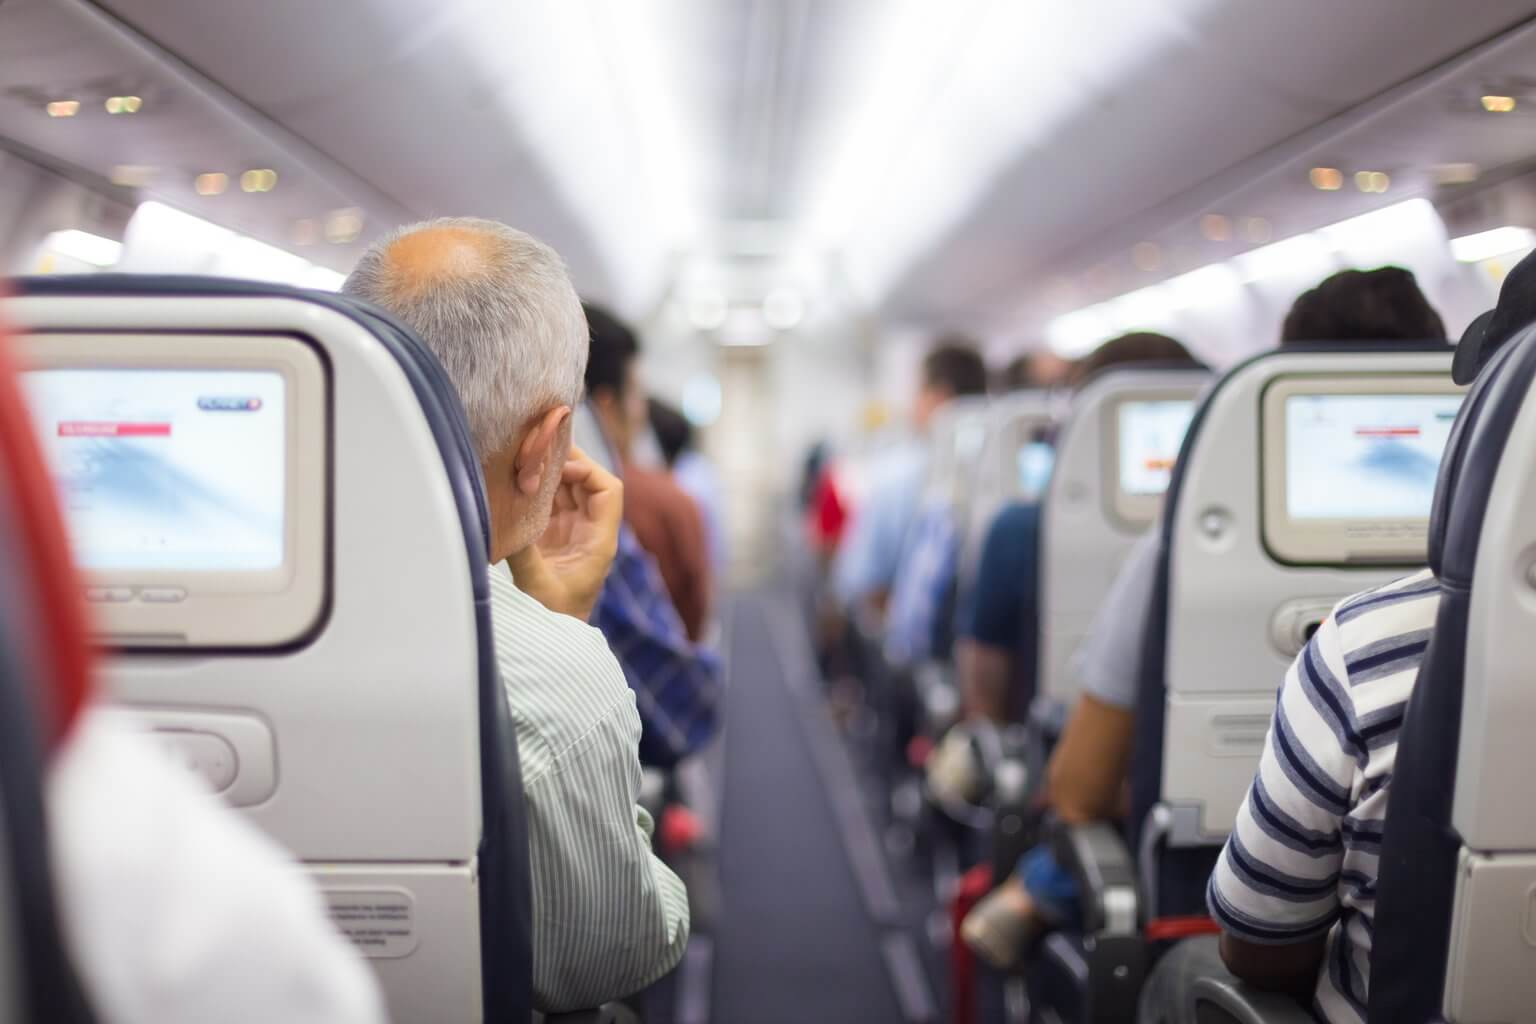 ผู้โดยสารเครื่องบิน